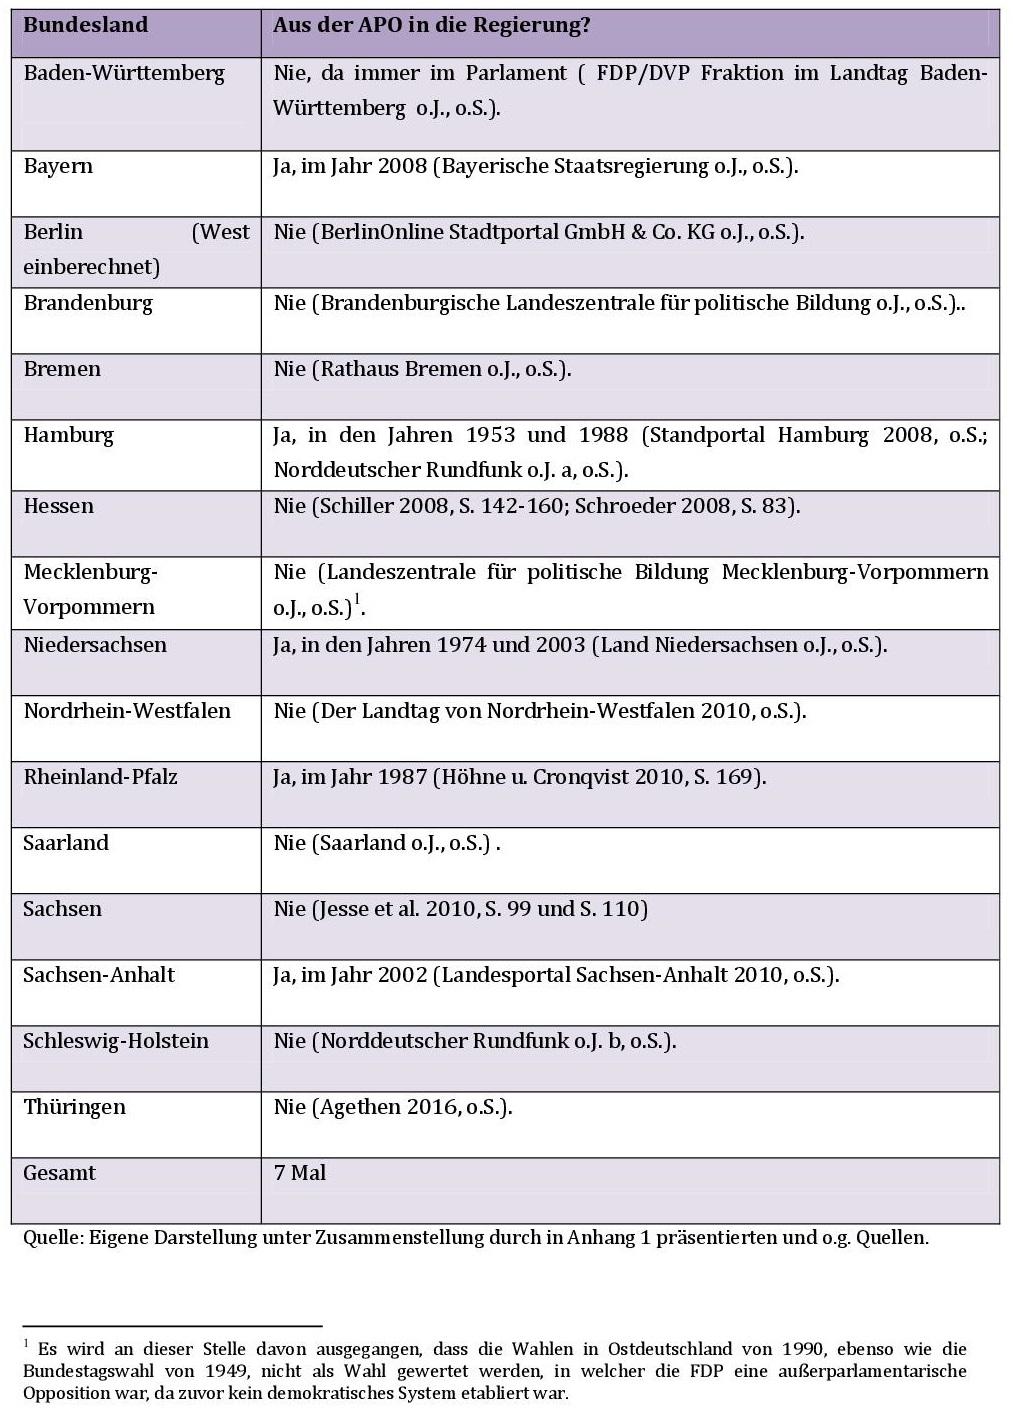 Tabelle 1: Aus der APO in die Regierung?